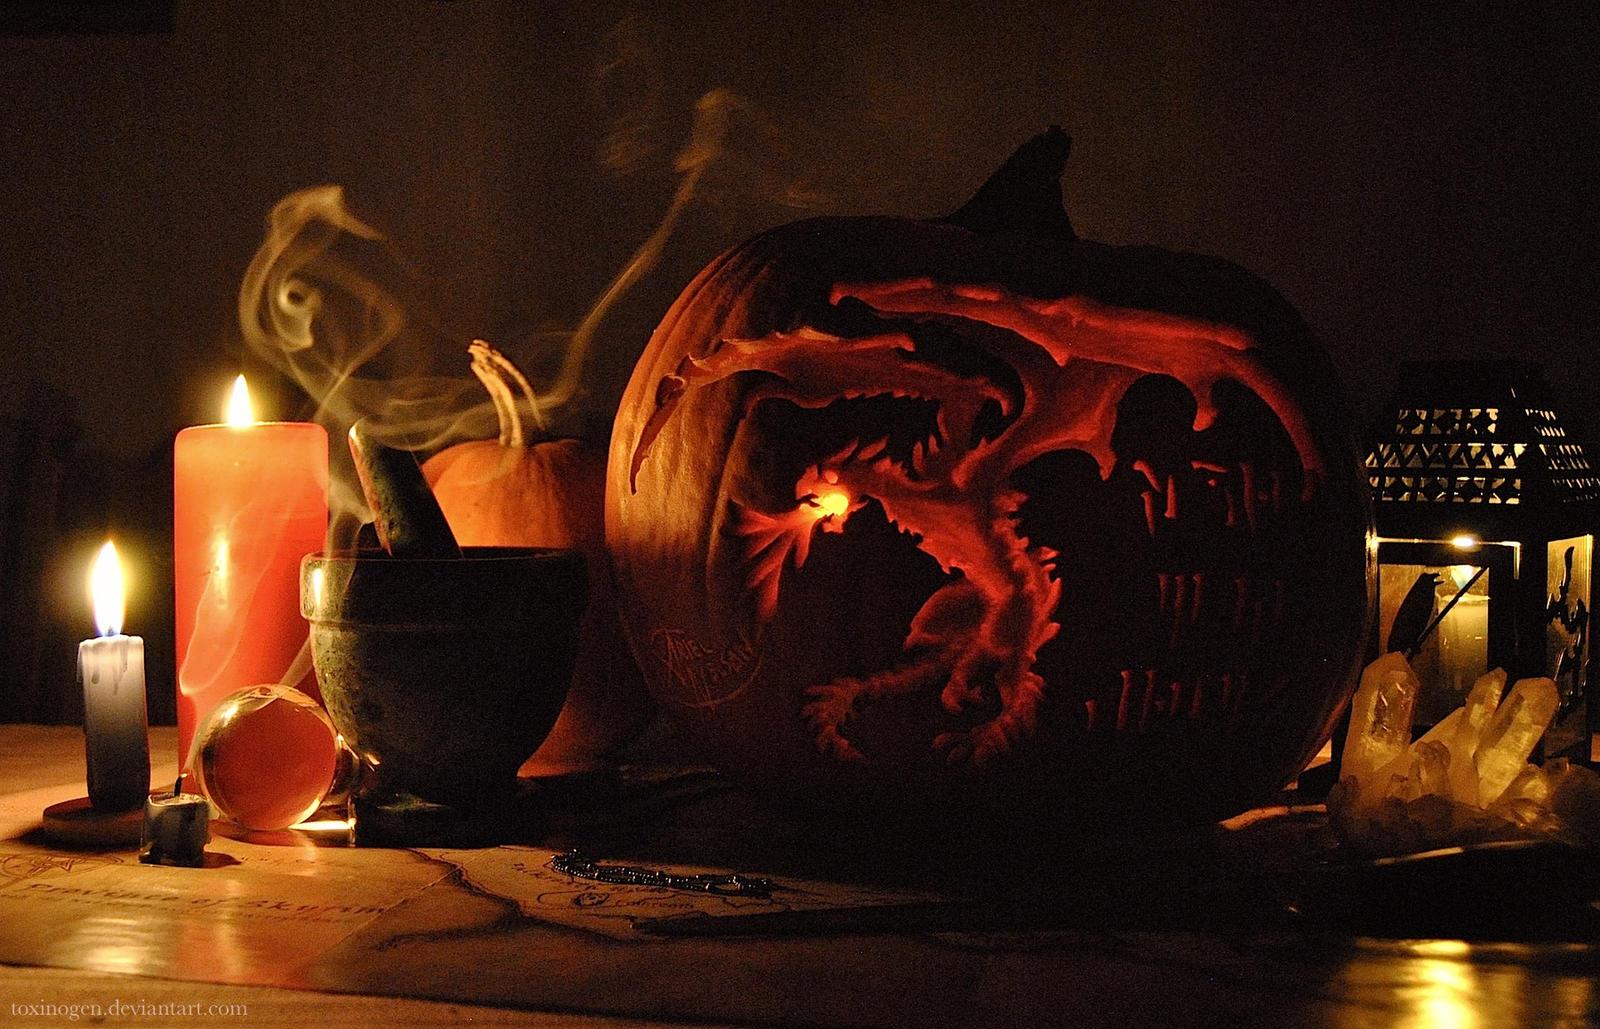 Alduin Jack O' Lantern by Toxinogen